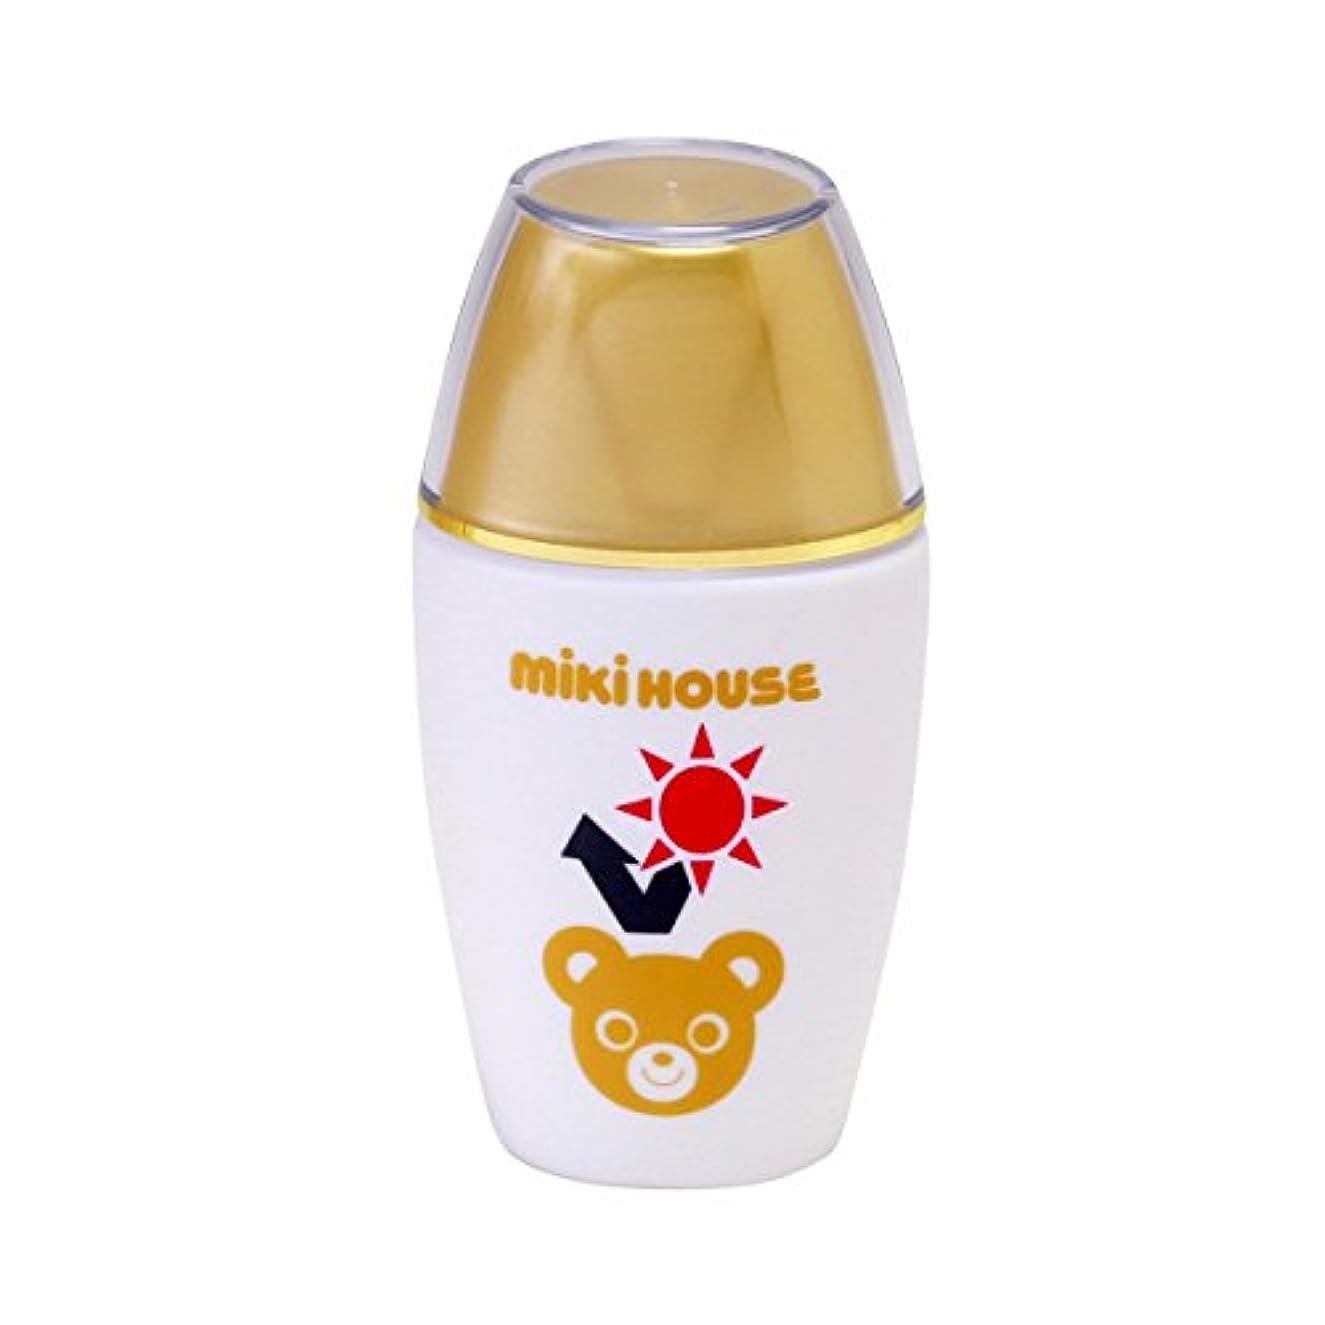 甘味ぼんやりしたどういたしましてミキハウス (MIKIHOUSE) UVカットミルク 15-3050-787 - -